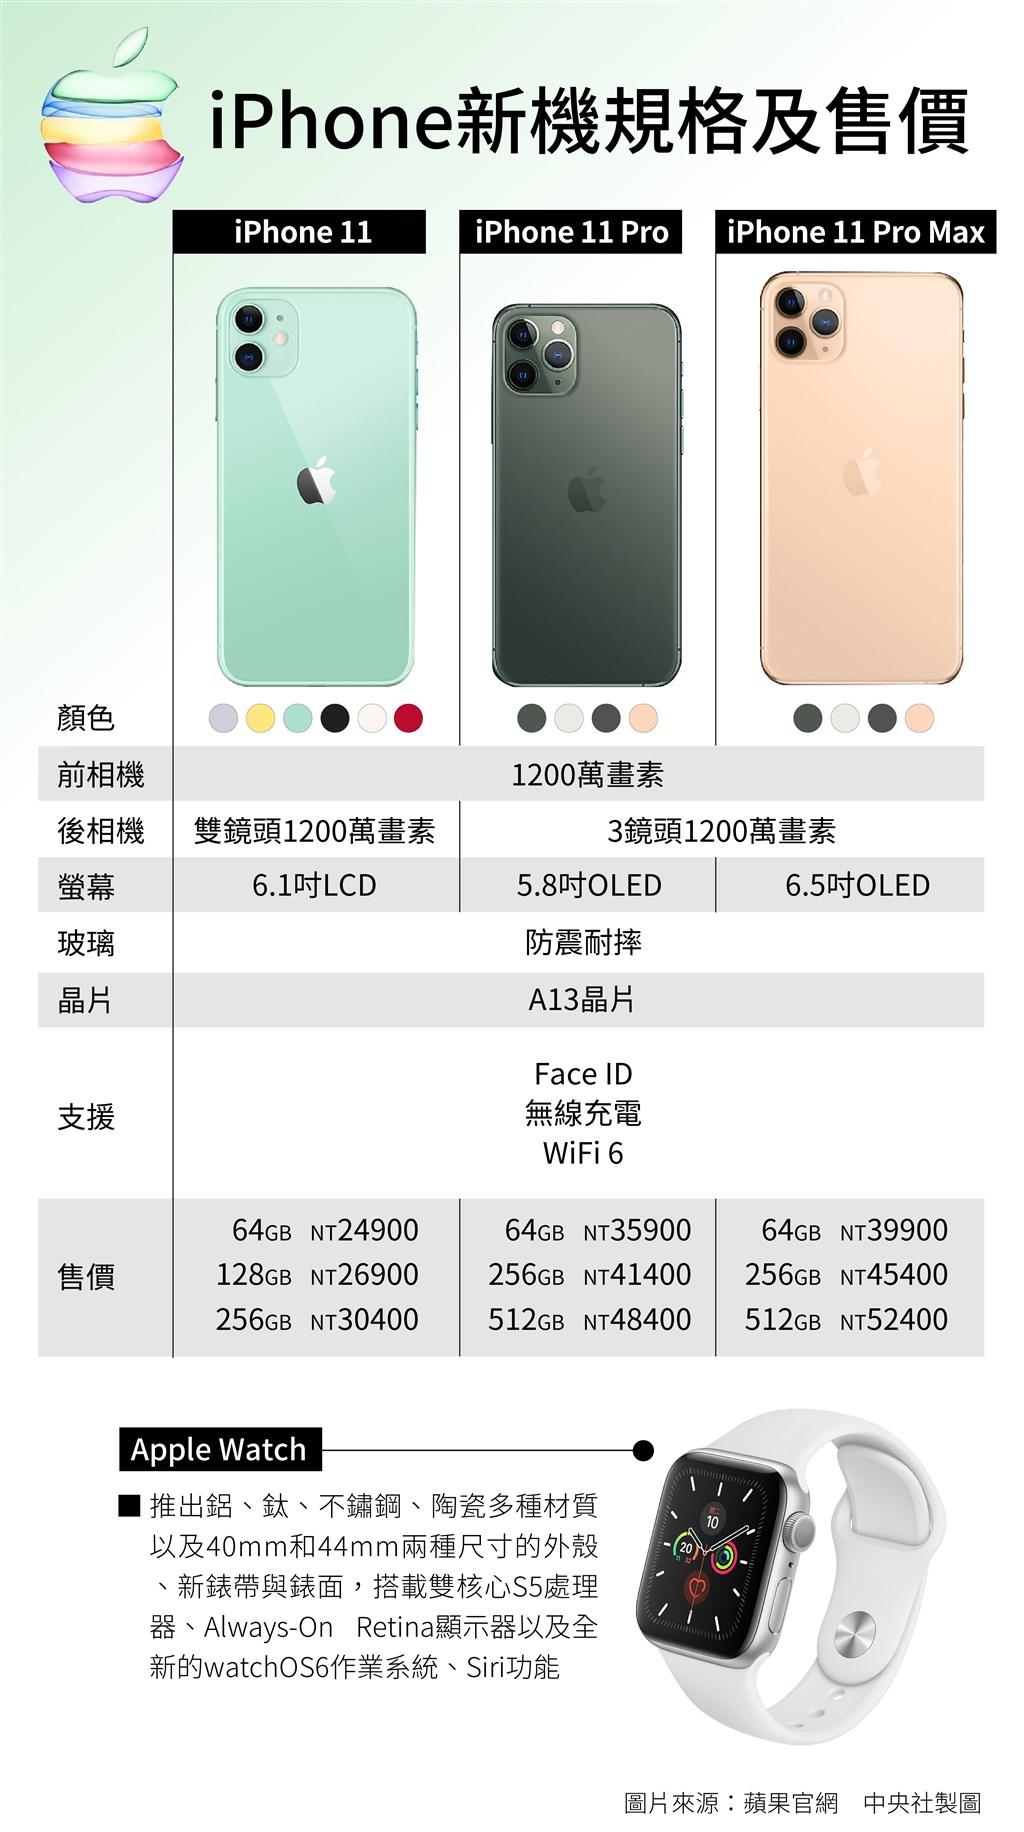 蘋果10日發表3款新iPhone,台灣列入首發市場,將於9月20日開賣。(中央社製圖)